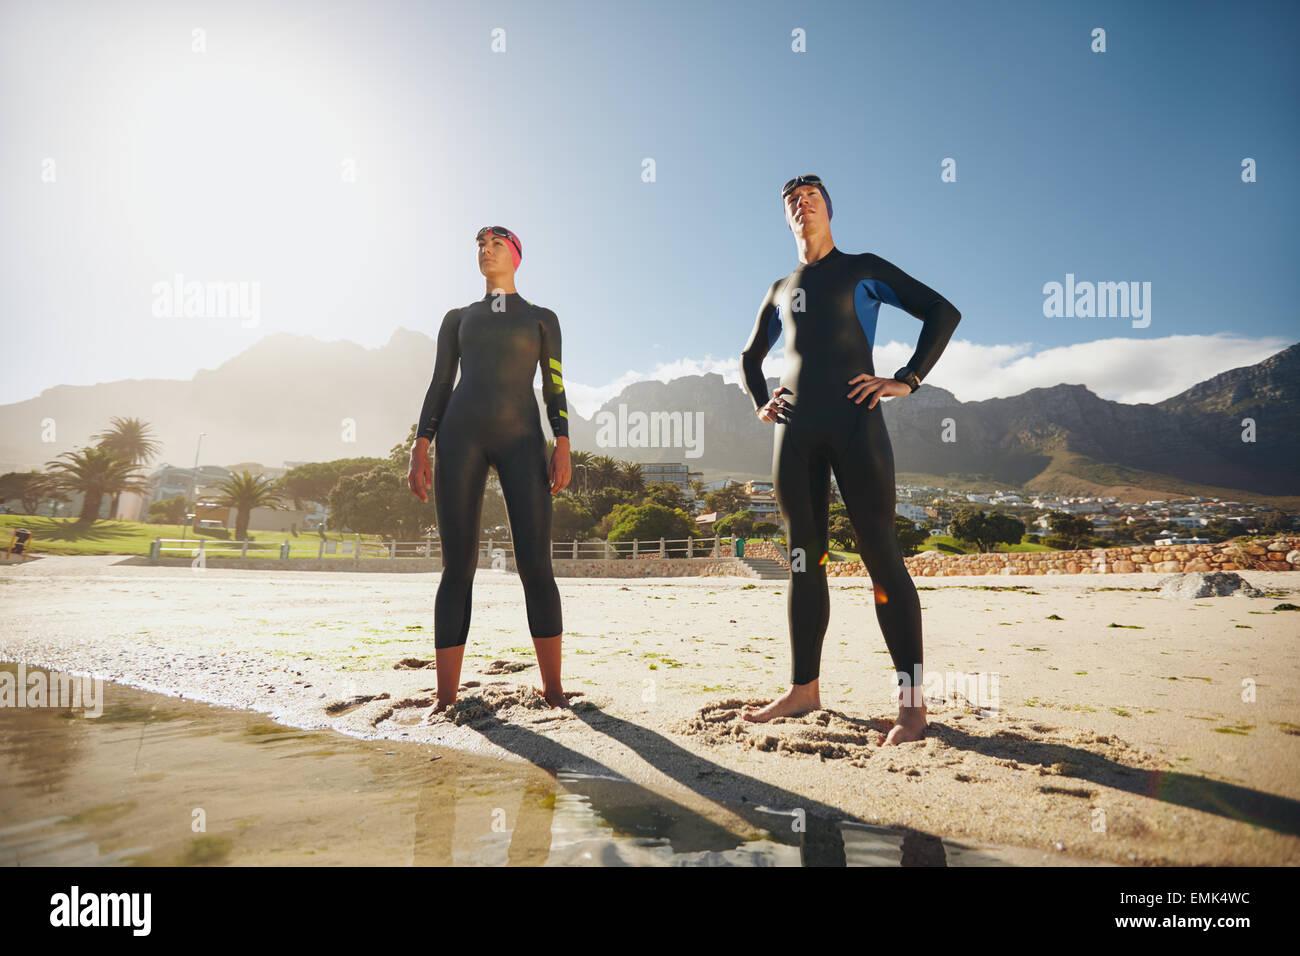 Ritratto di un determinato maschio e femmina triatleti guardando in lontananza. Giovane uomo e donna in piedi presso Immagini Stock